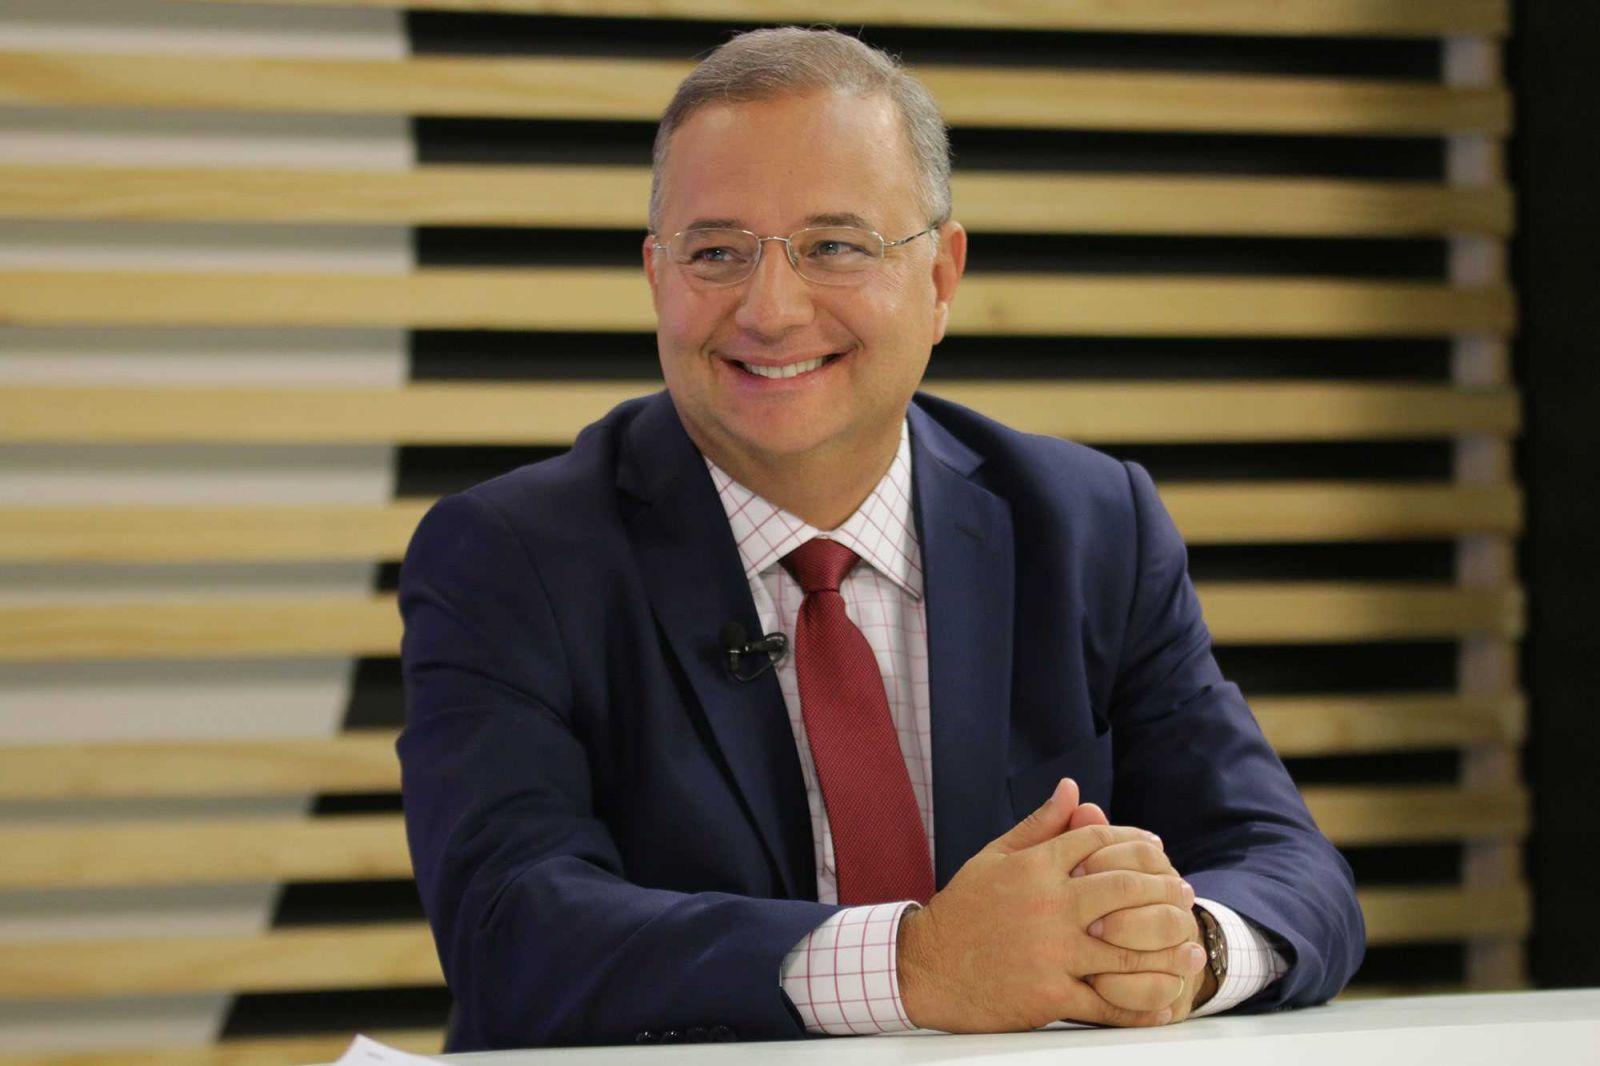 A sociedade baiana está de luto com o falecimento do empresário Buba Weckerle. Ver mais...